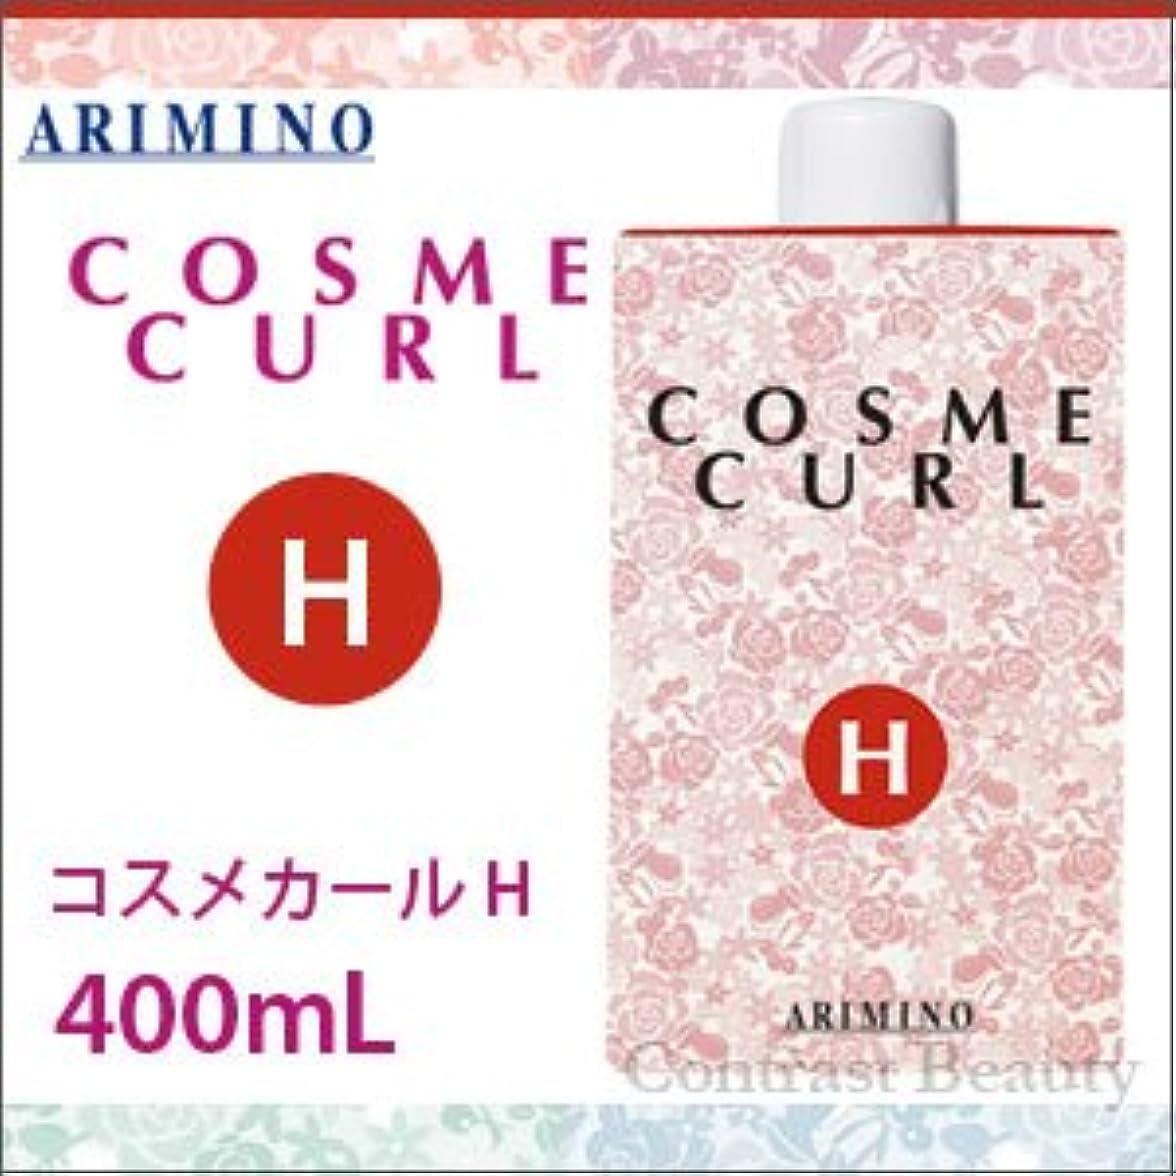 あいまいさ多様性エラーアリミノ コスメカール H 400ml